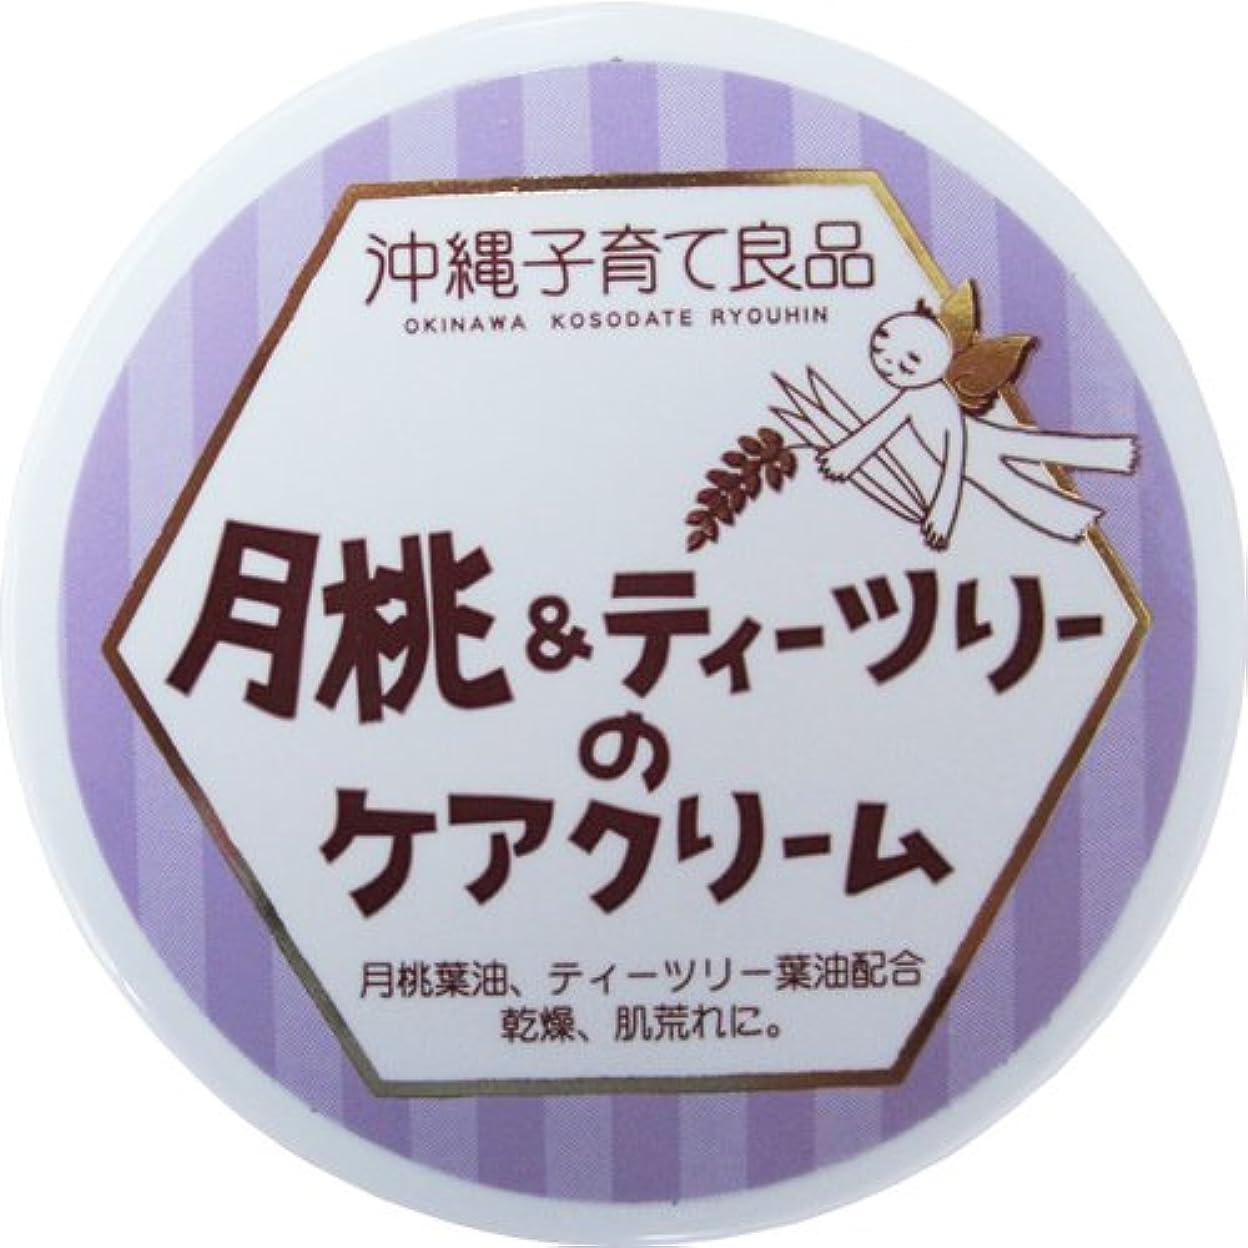 アフリカ封建冷酷な沖縄子育て良品 月桃&ティツリーのケアクリーム (25g)